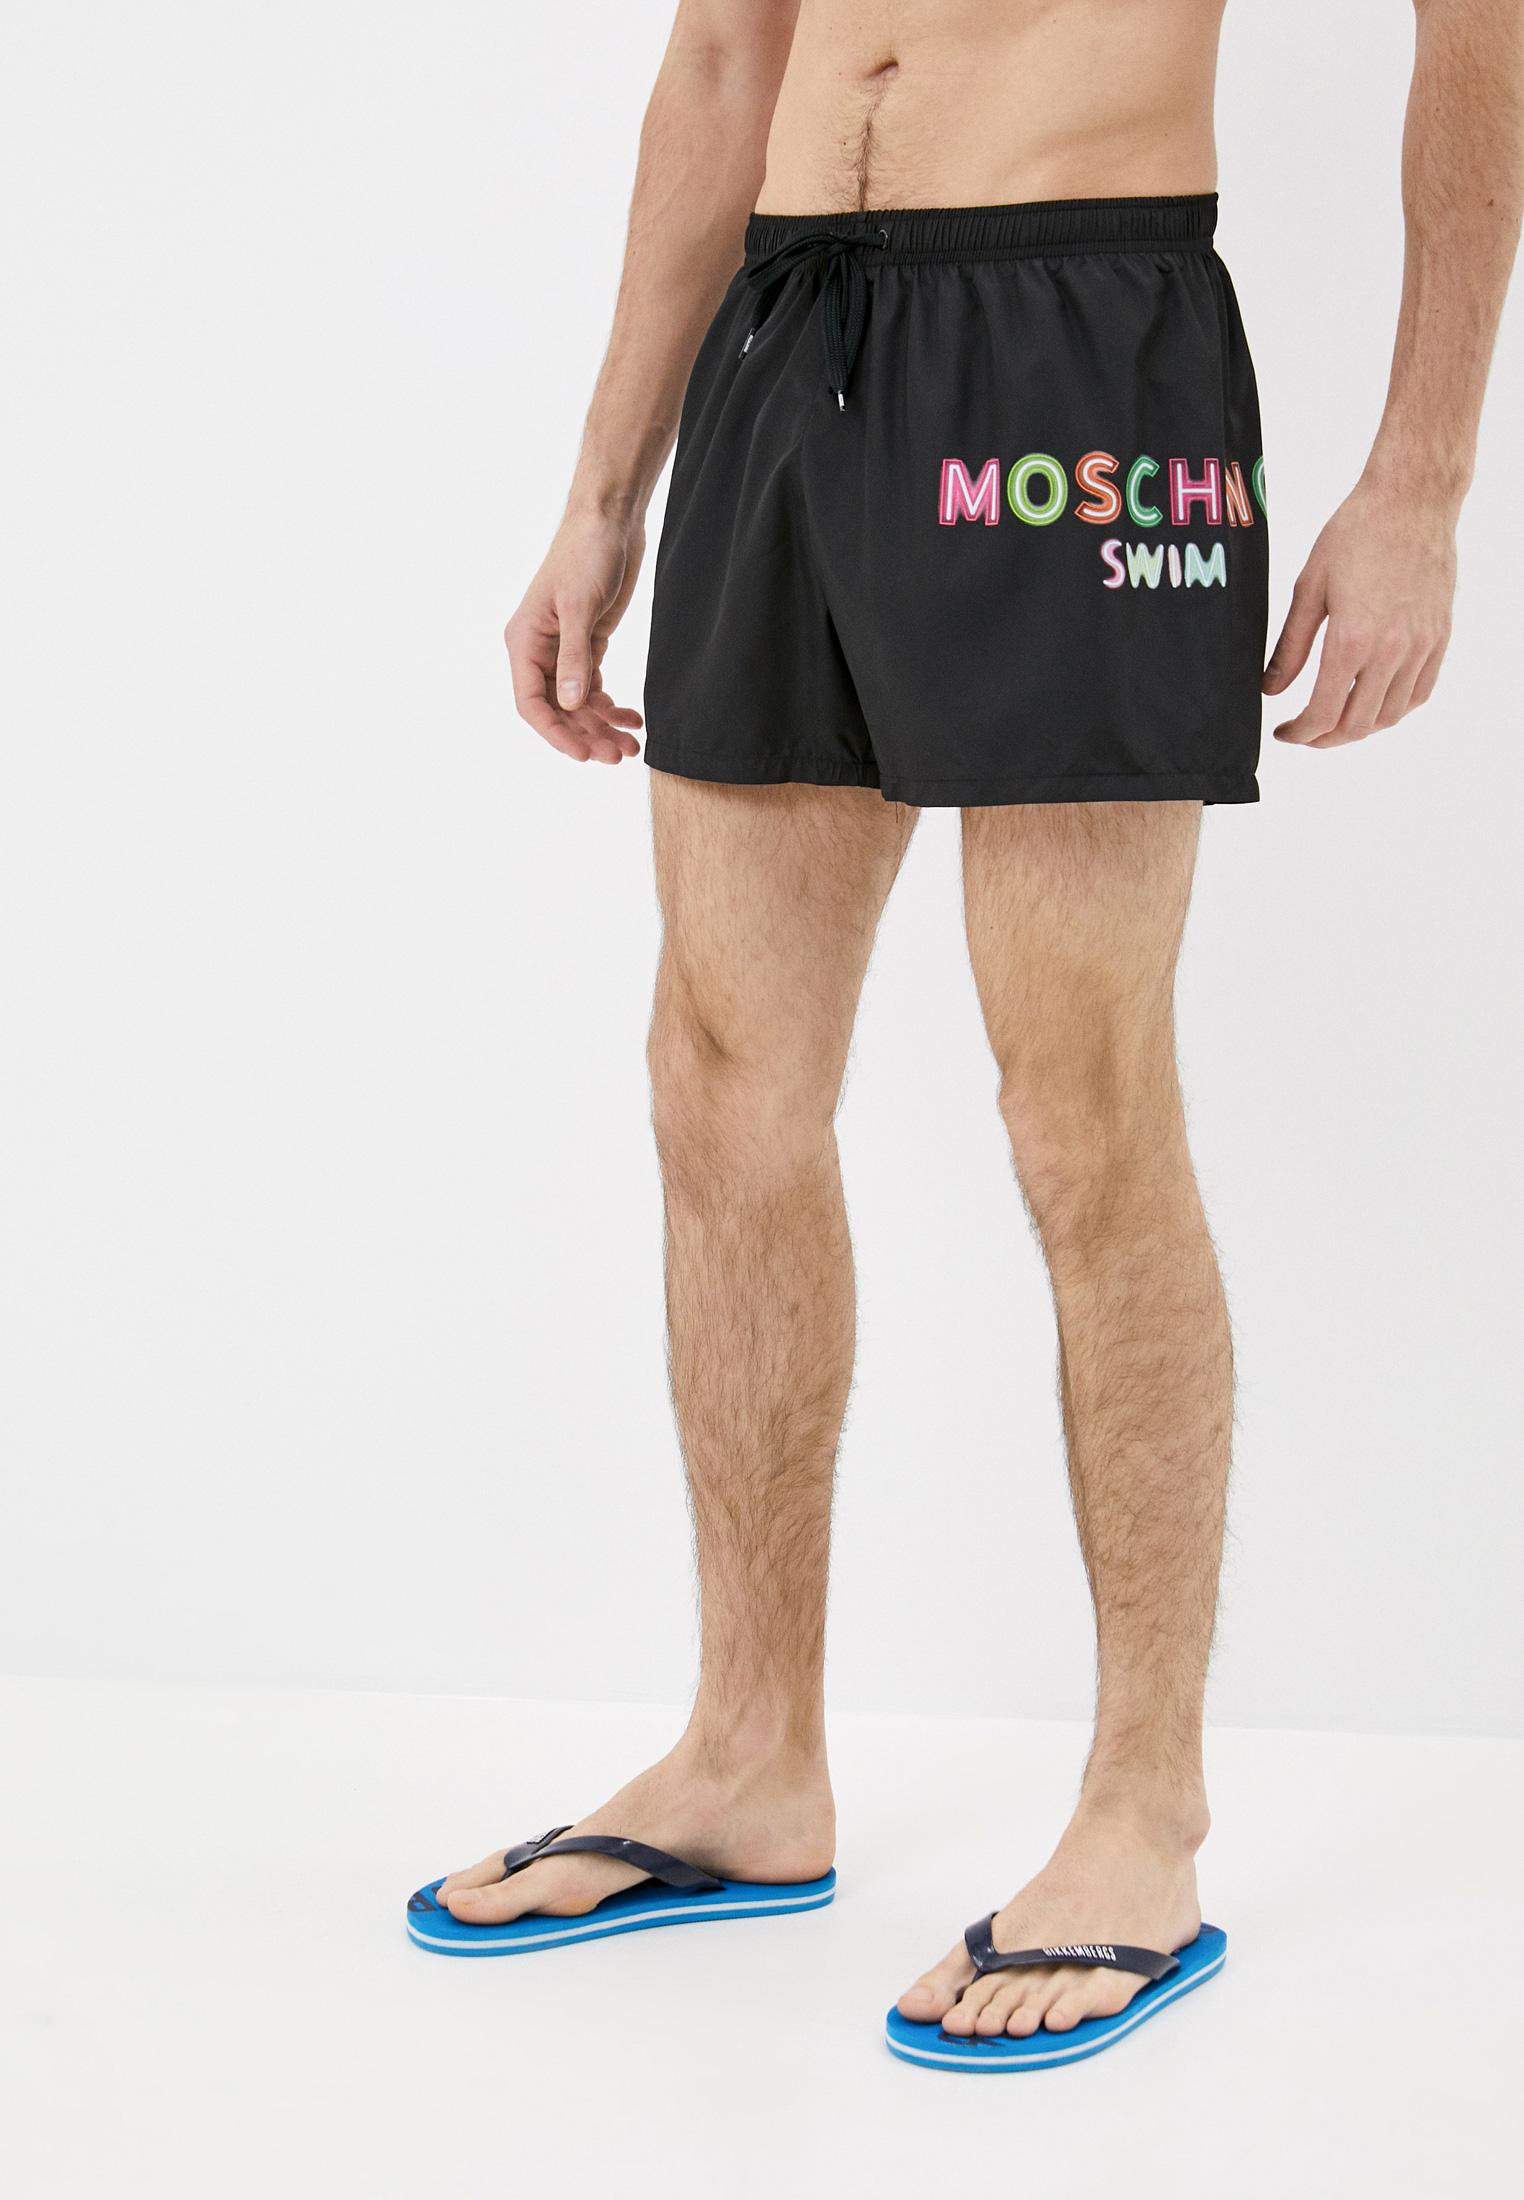 Мужские шорты для плавания Moschino swim 6154 5989: изображение 1